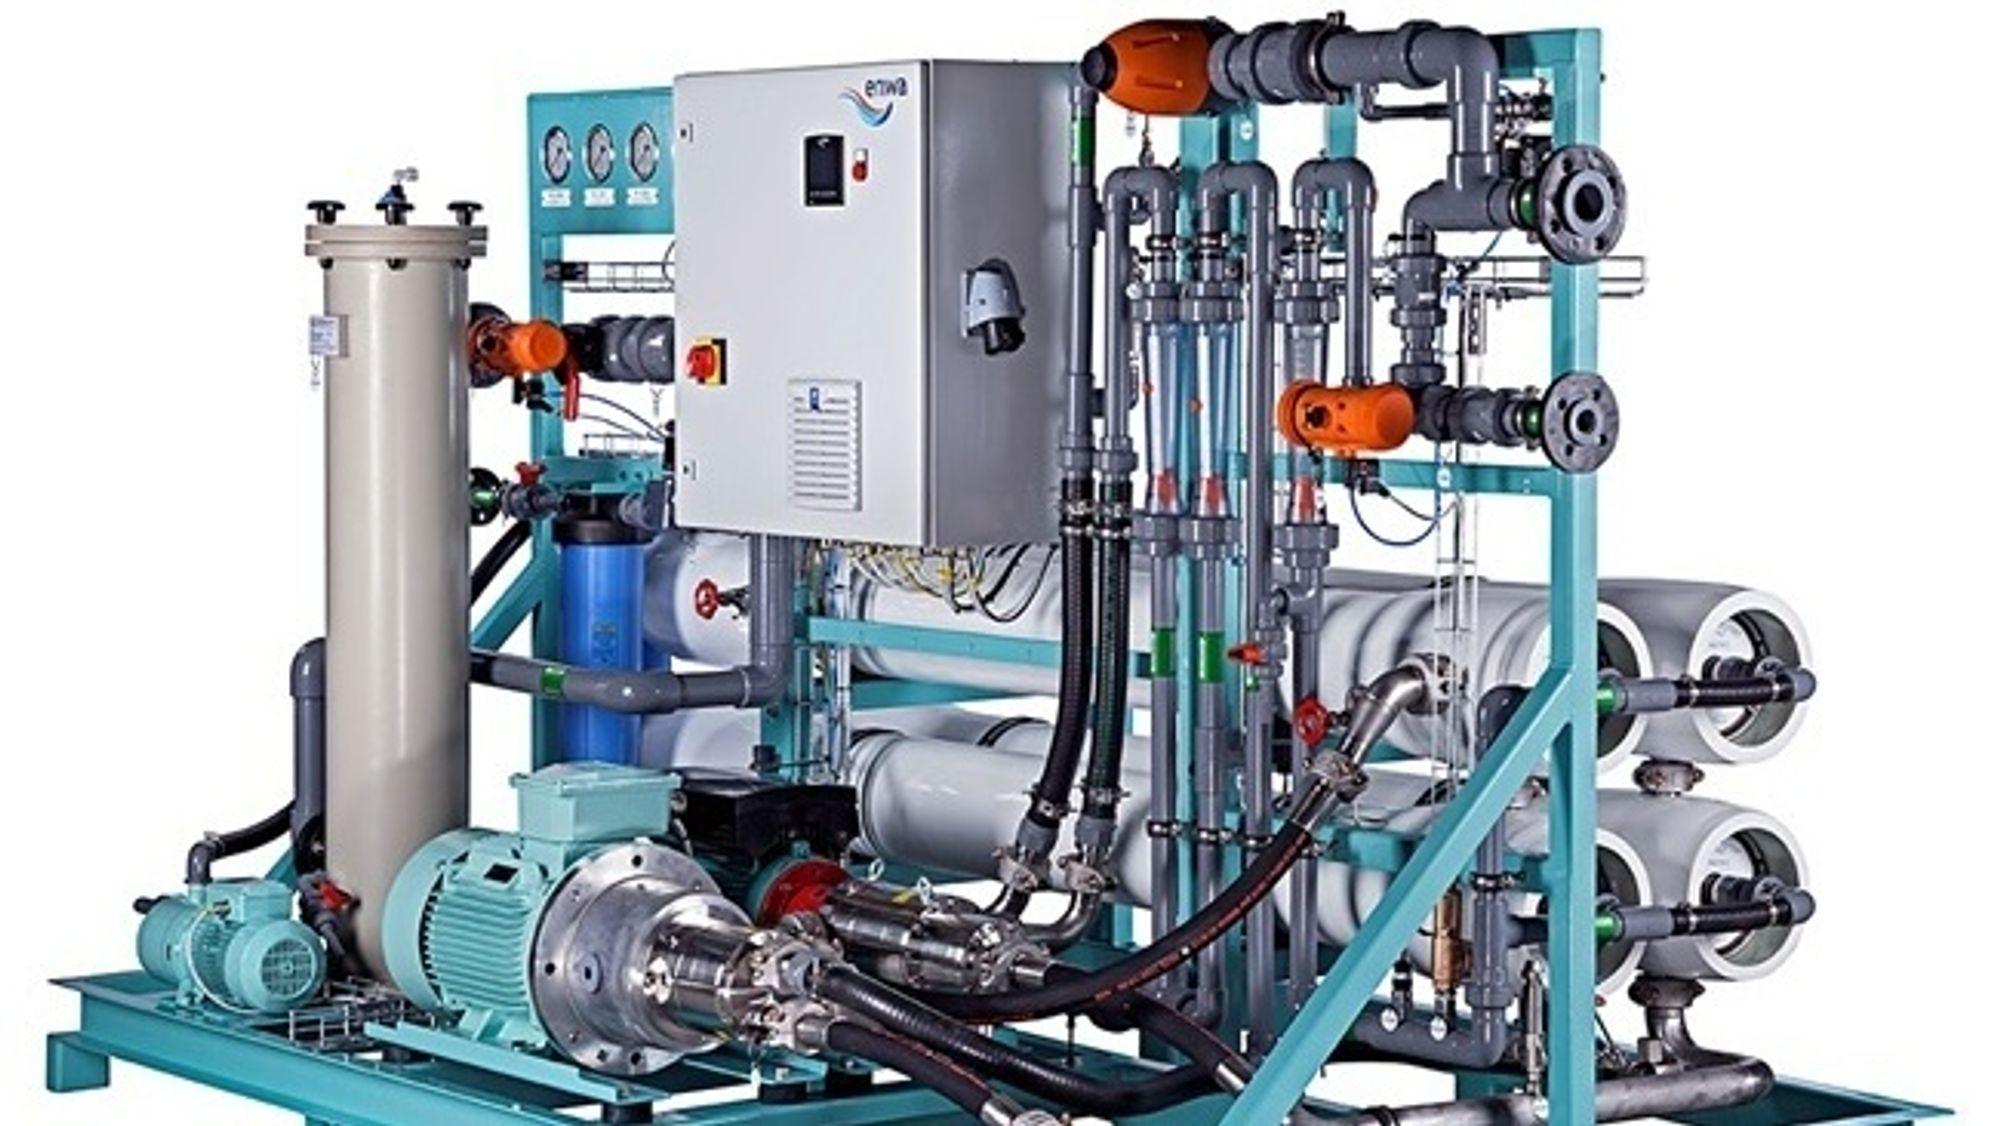 Filtreringsanlegget som skal testes ut hos Hardingsmolt er av samme type som på bildet, men vesentlig større.